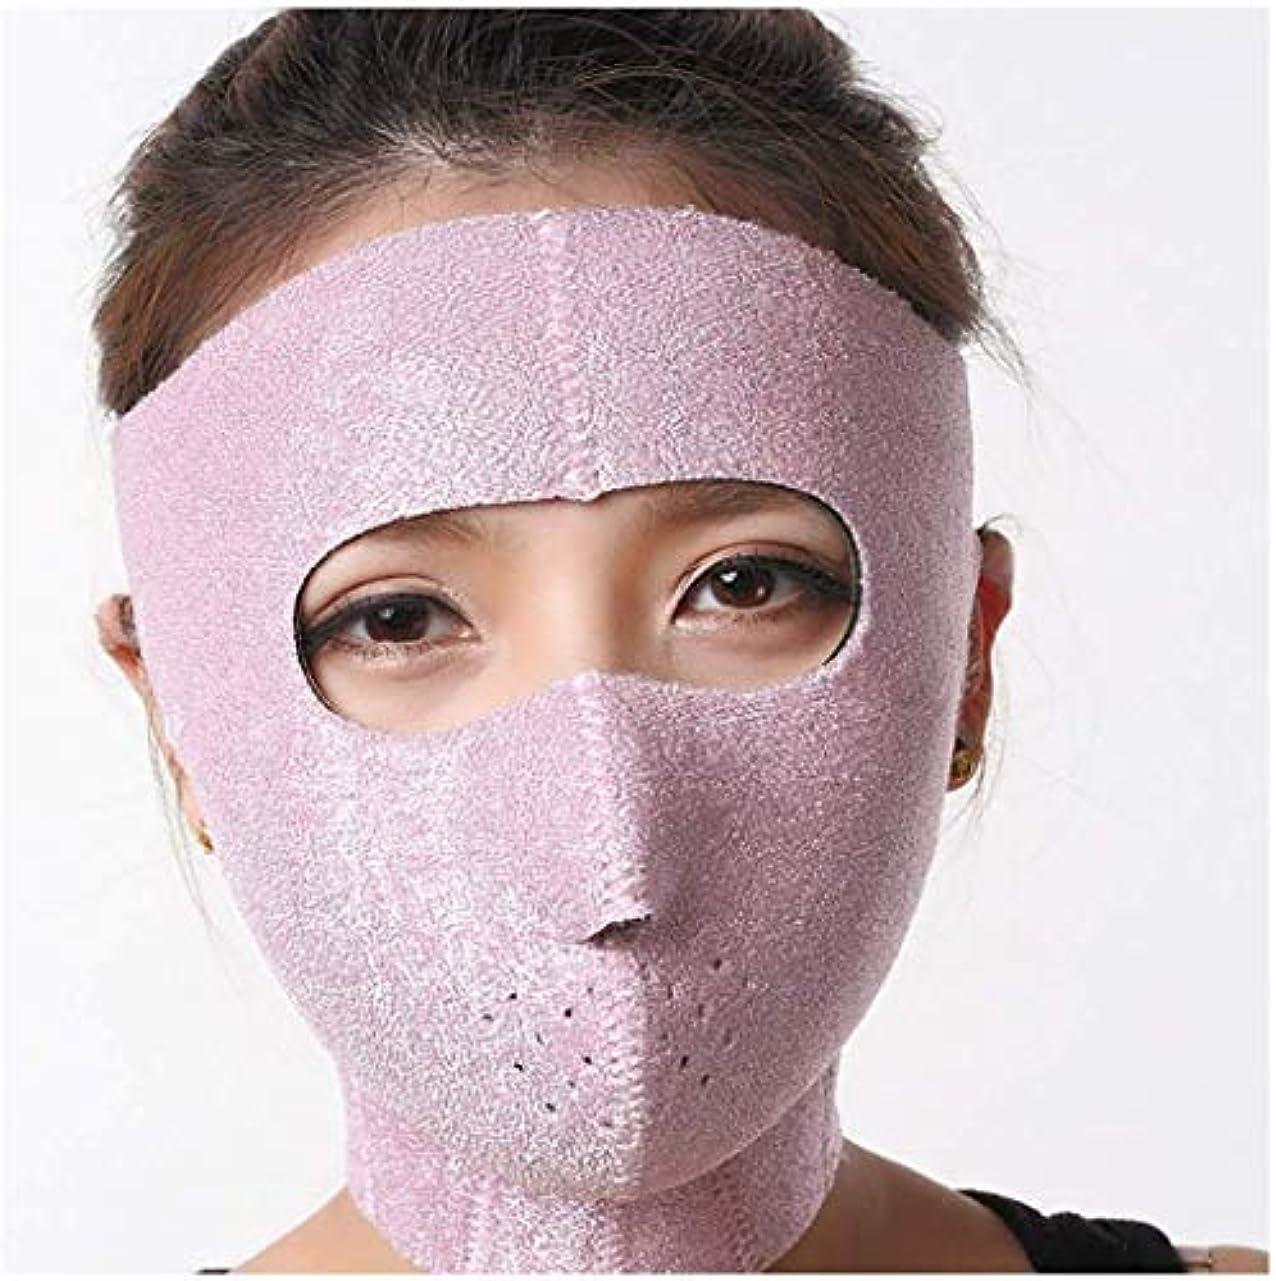 瞳お願いします静的美容と実用的なSlim身ベルト、フェイシャルマスク薄い顔マスク睡眠薄い顔マスク薄い顔包帯薄い顔アーティファクト薄い顔顔リフティング薄い顔小さなV顔睡眠薄い顔ベルト